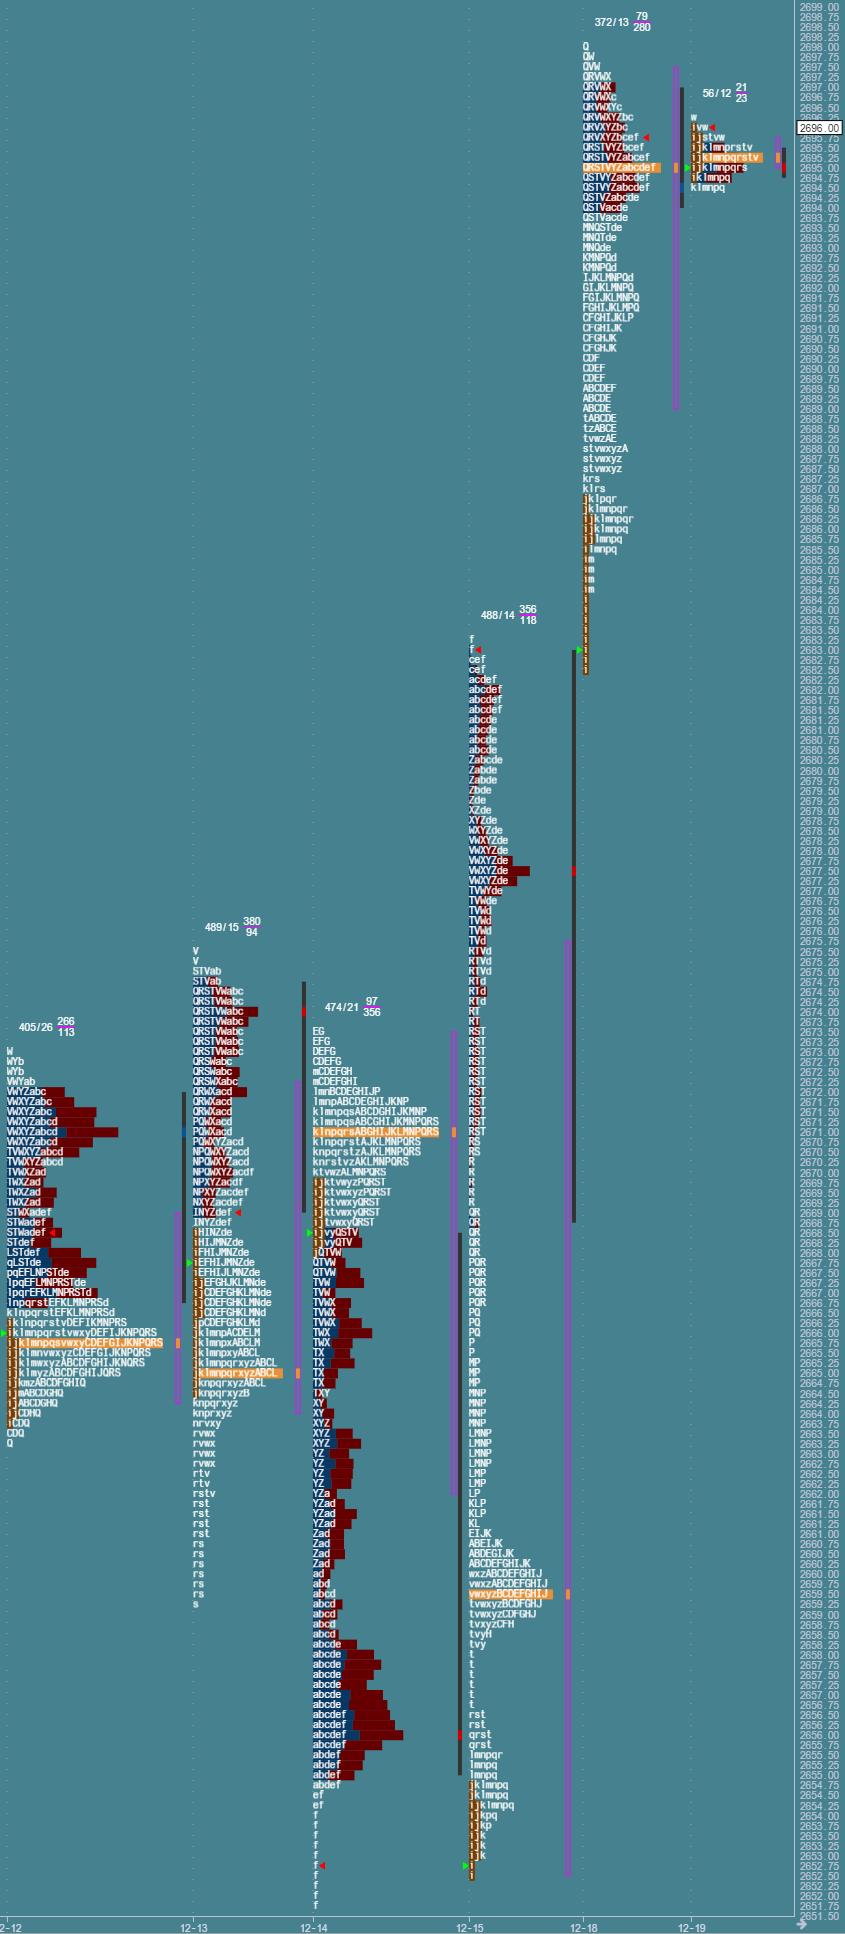 Przygotowane do sesji: market profile z 19 grudnia